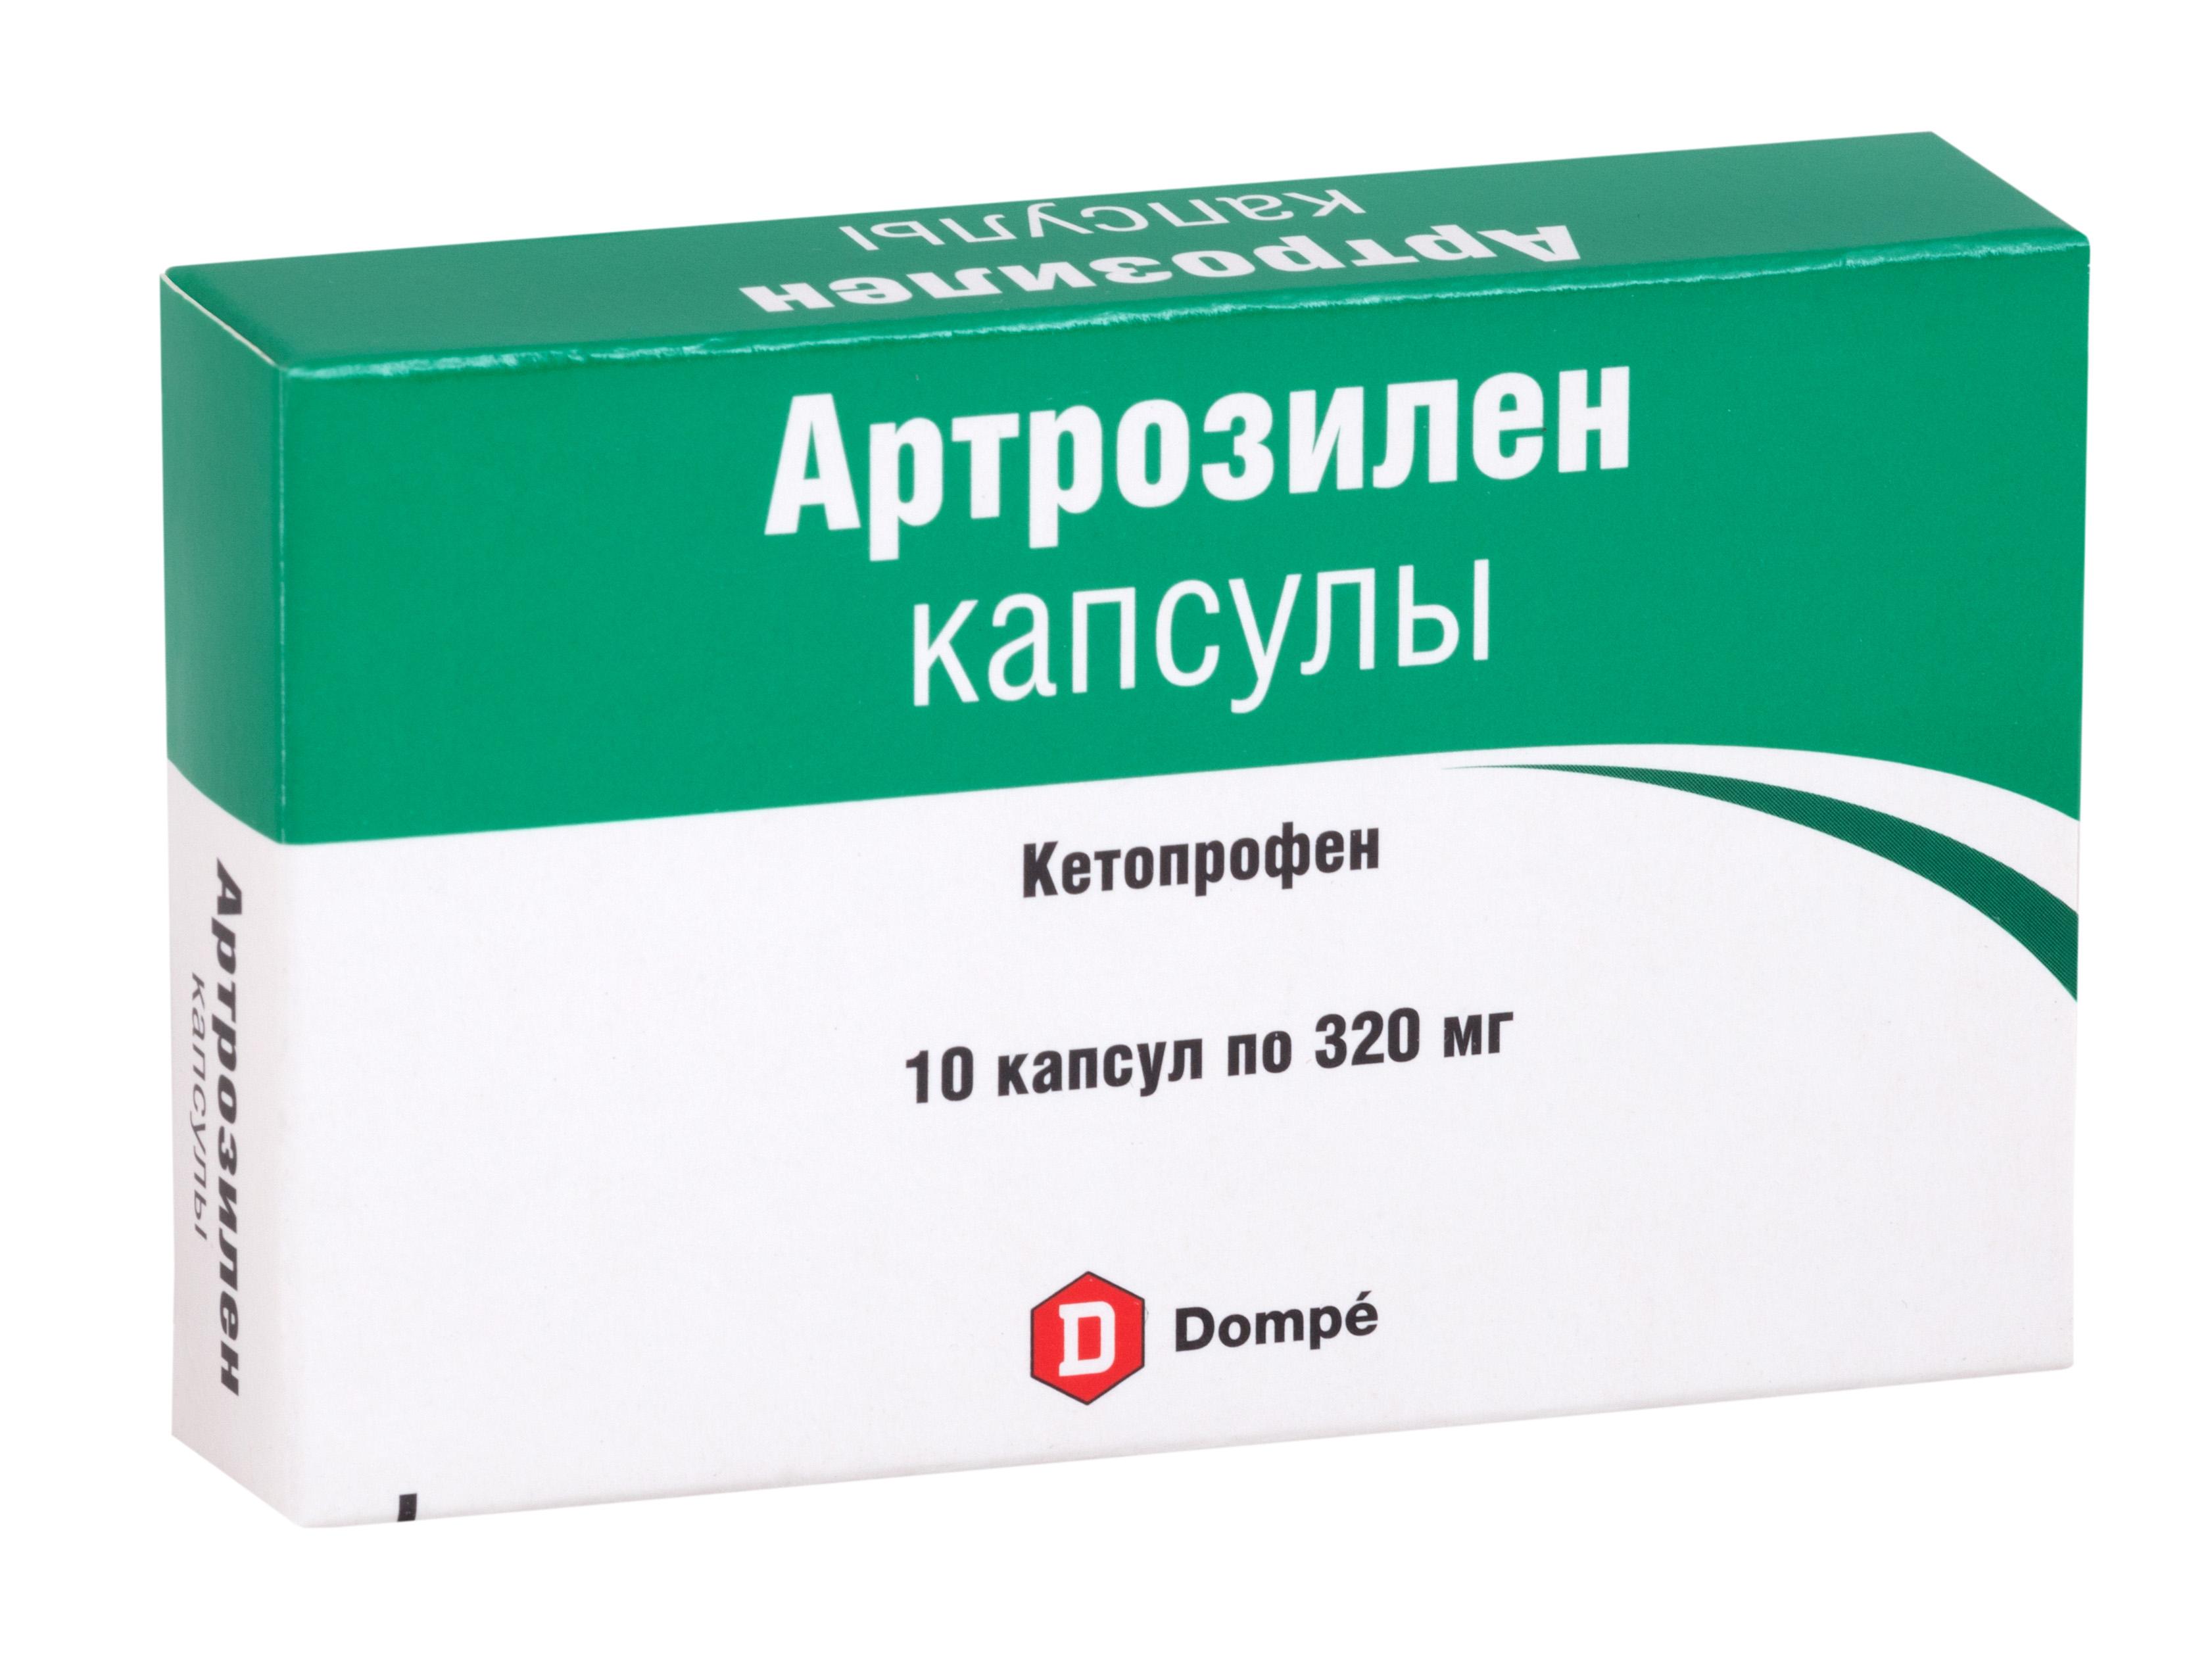 Артрозилен капс. 320мг n10